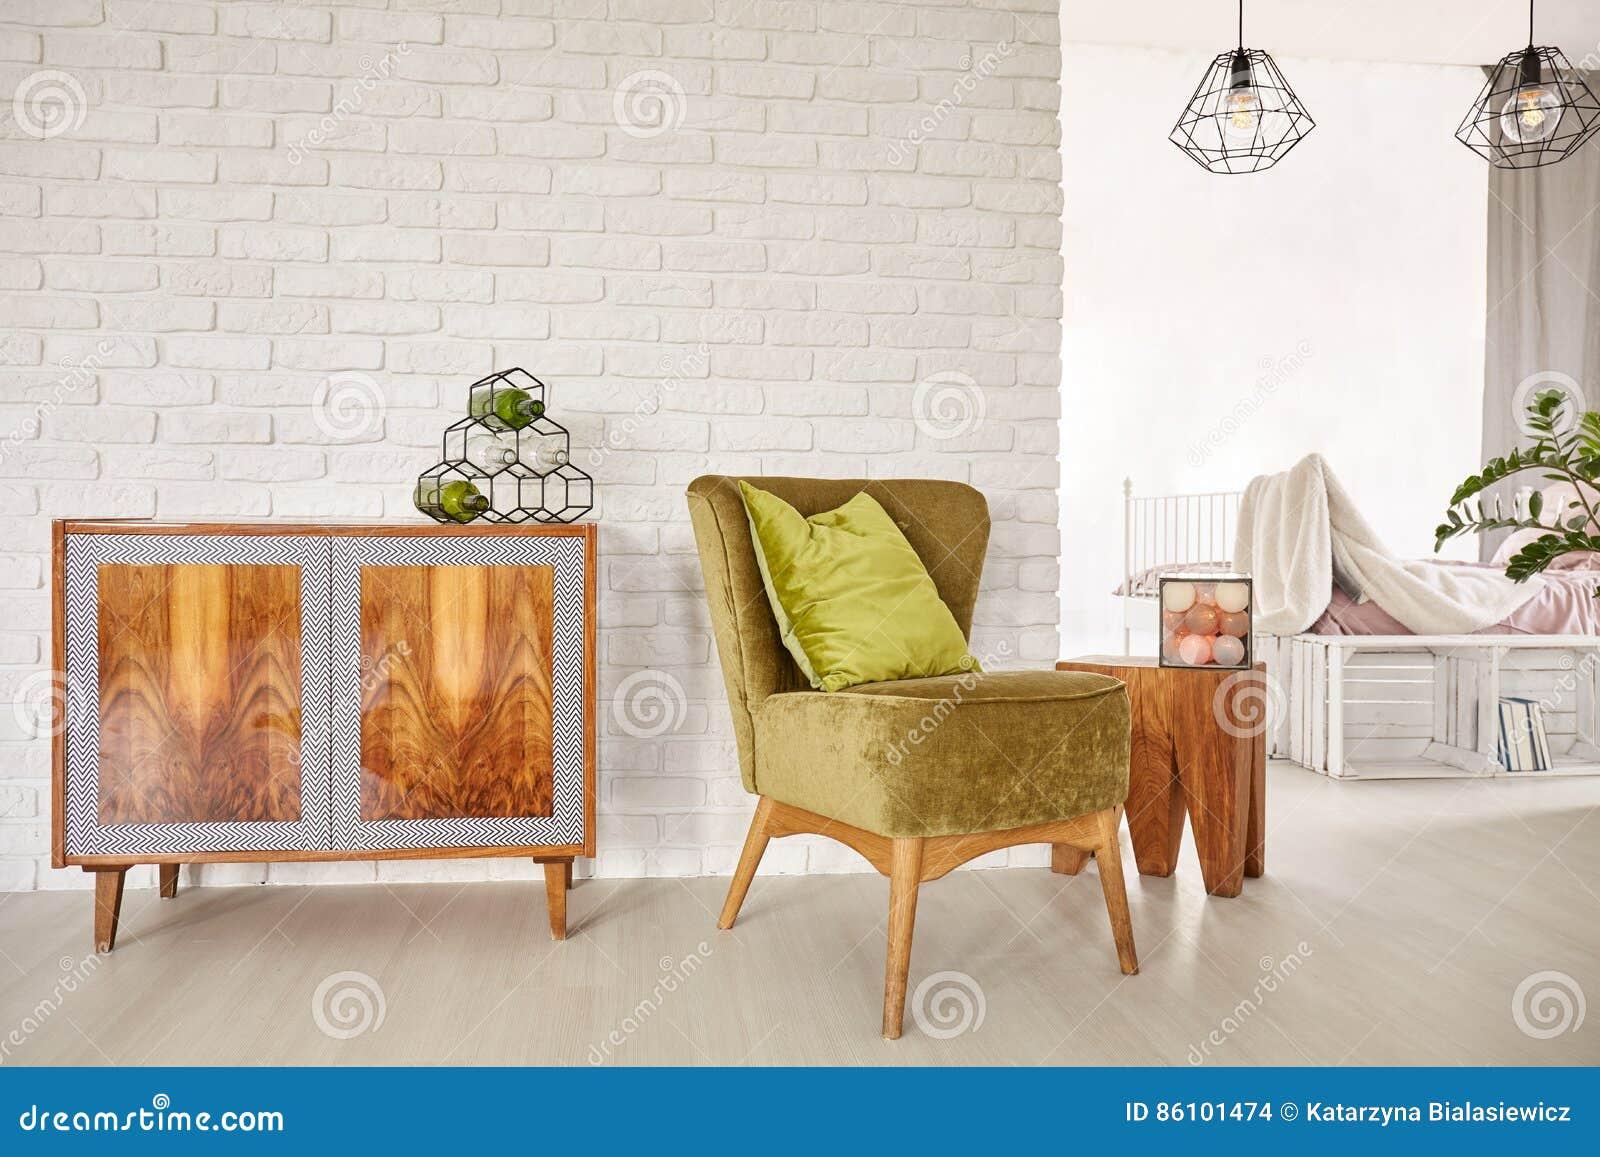 木洗脸台和扶手椅子